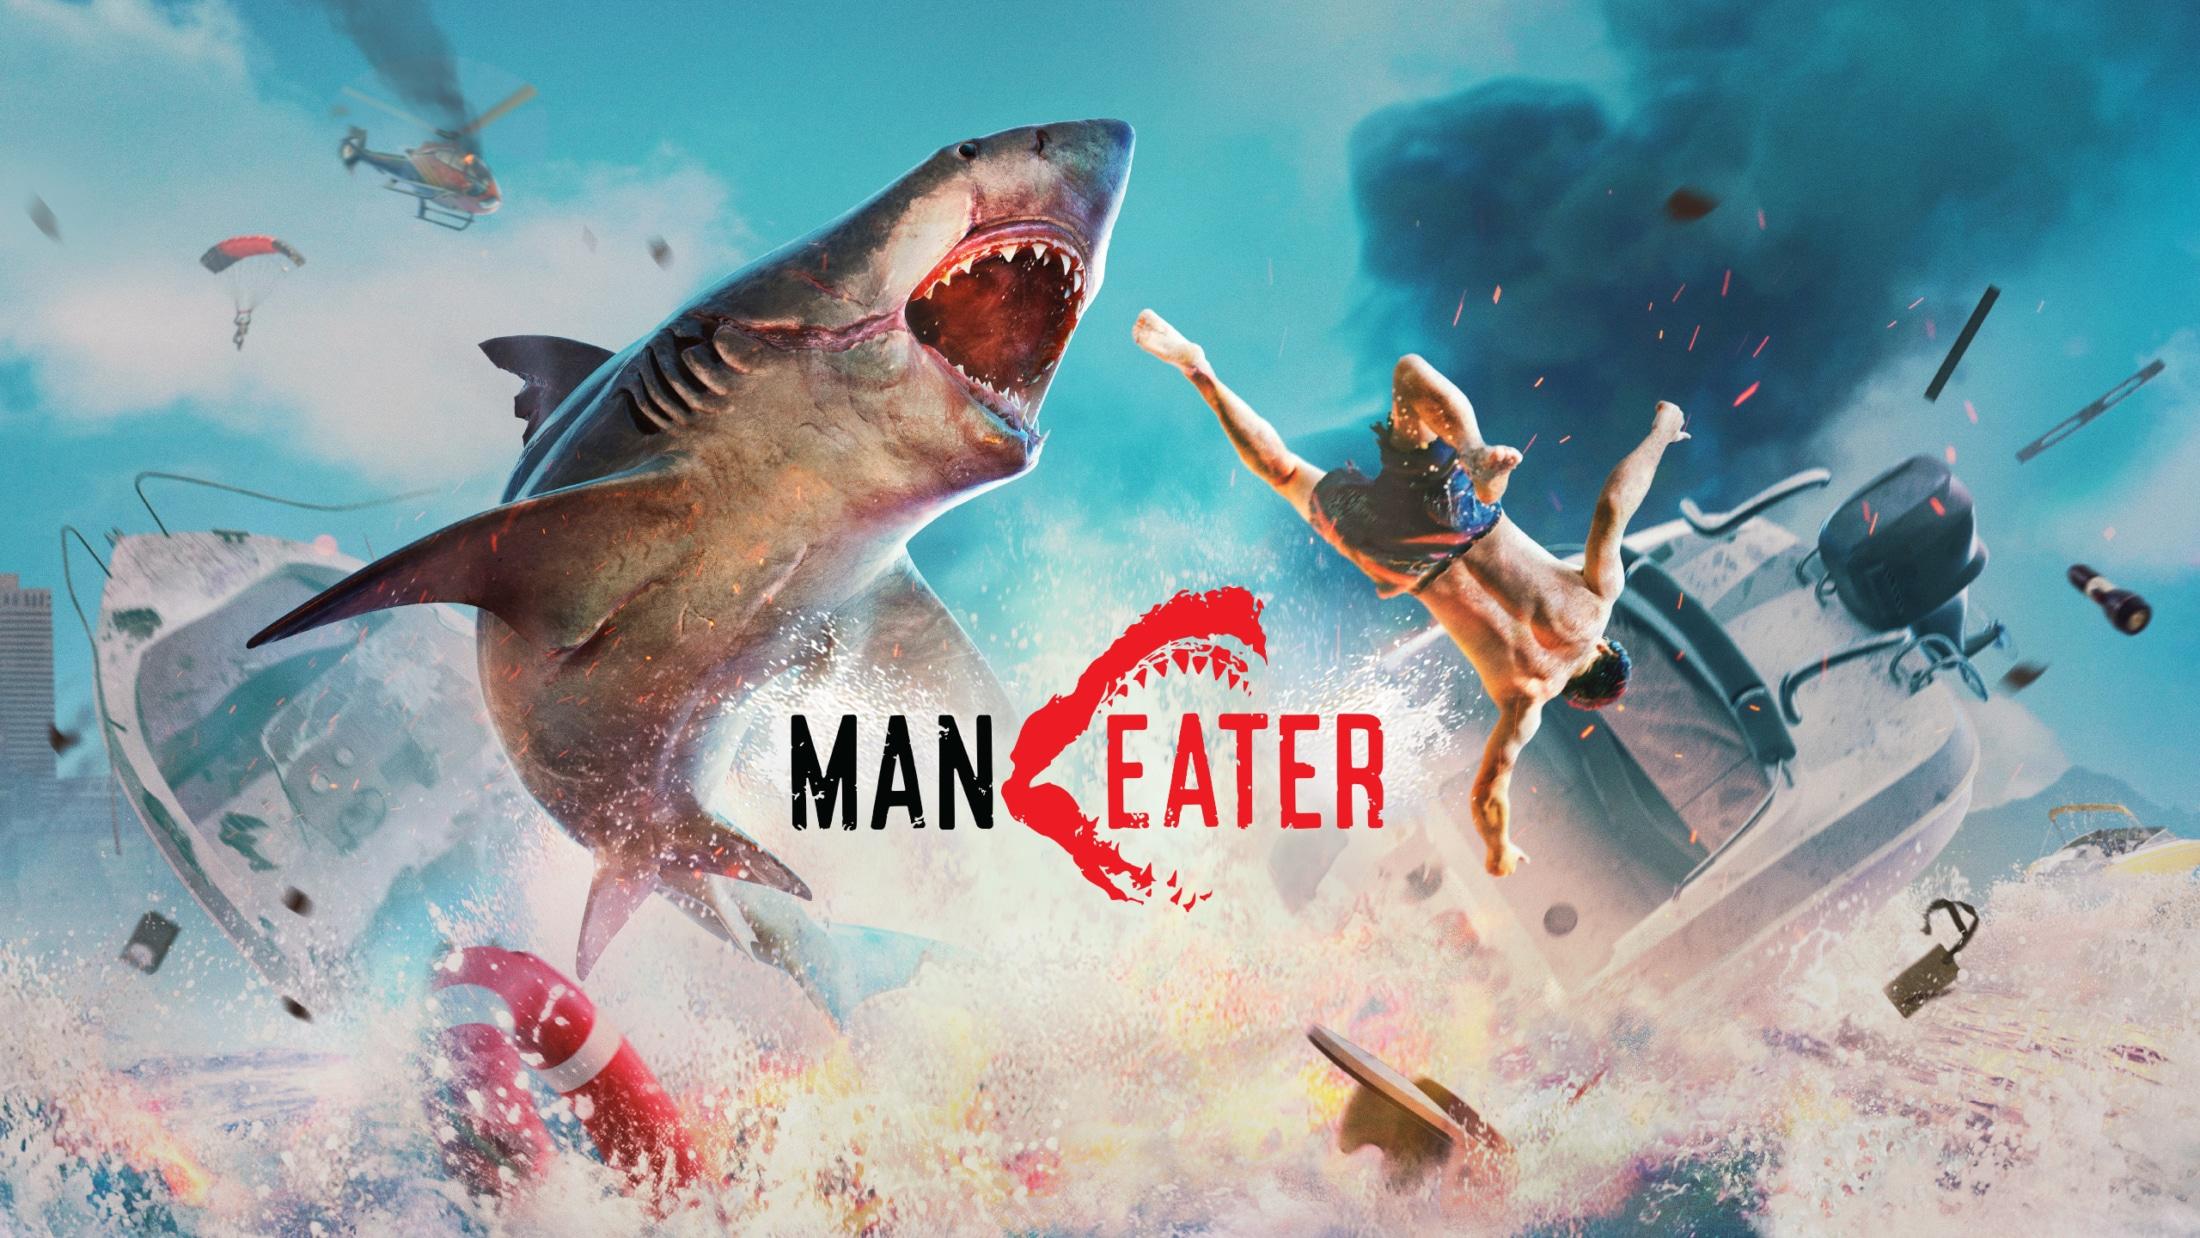 Maneater Surfs sort sur Nintendo Switch le 25 mai